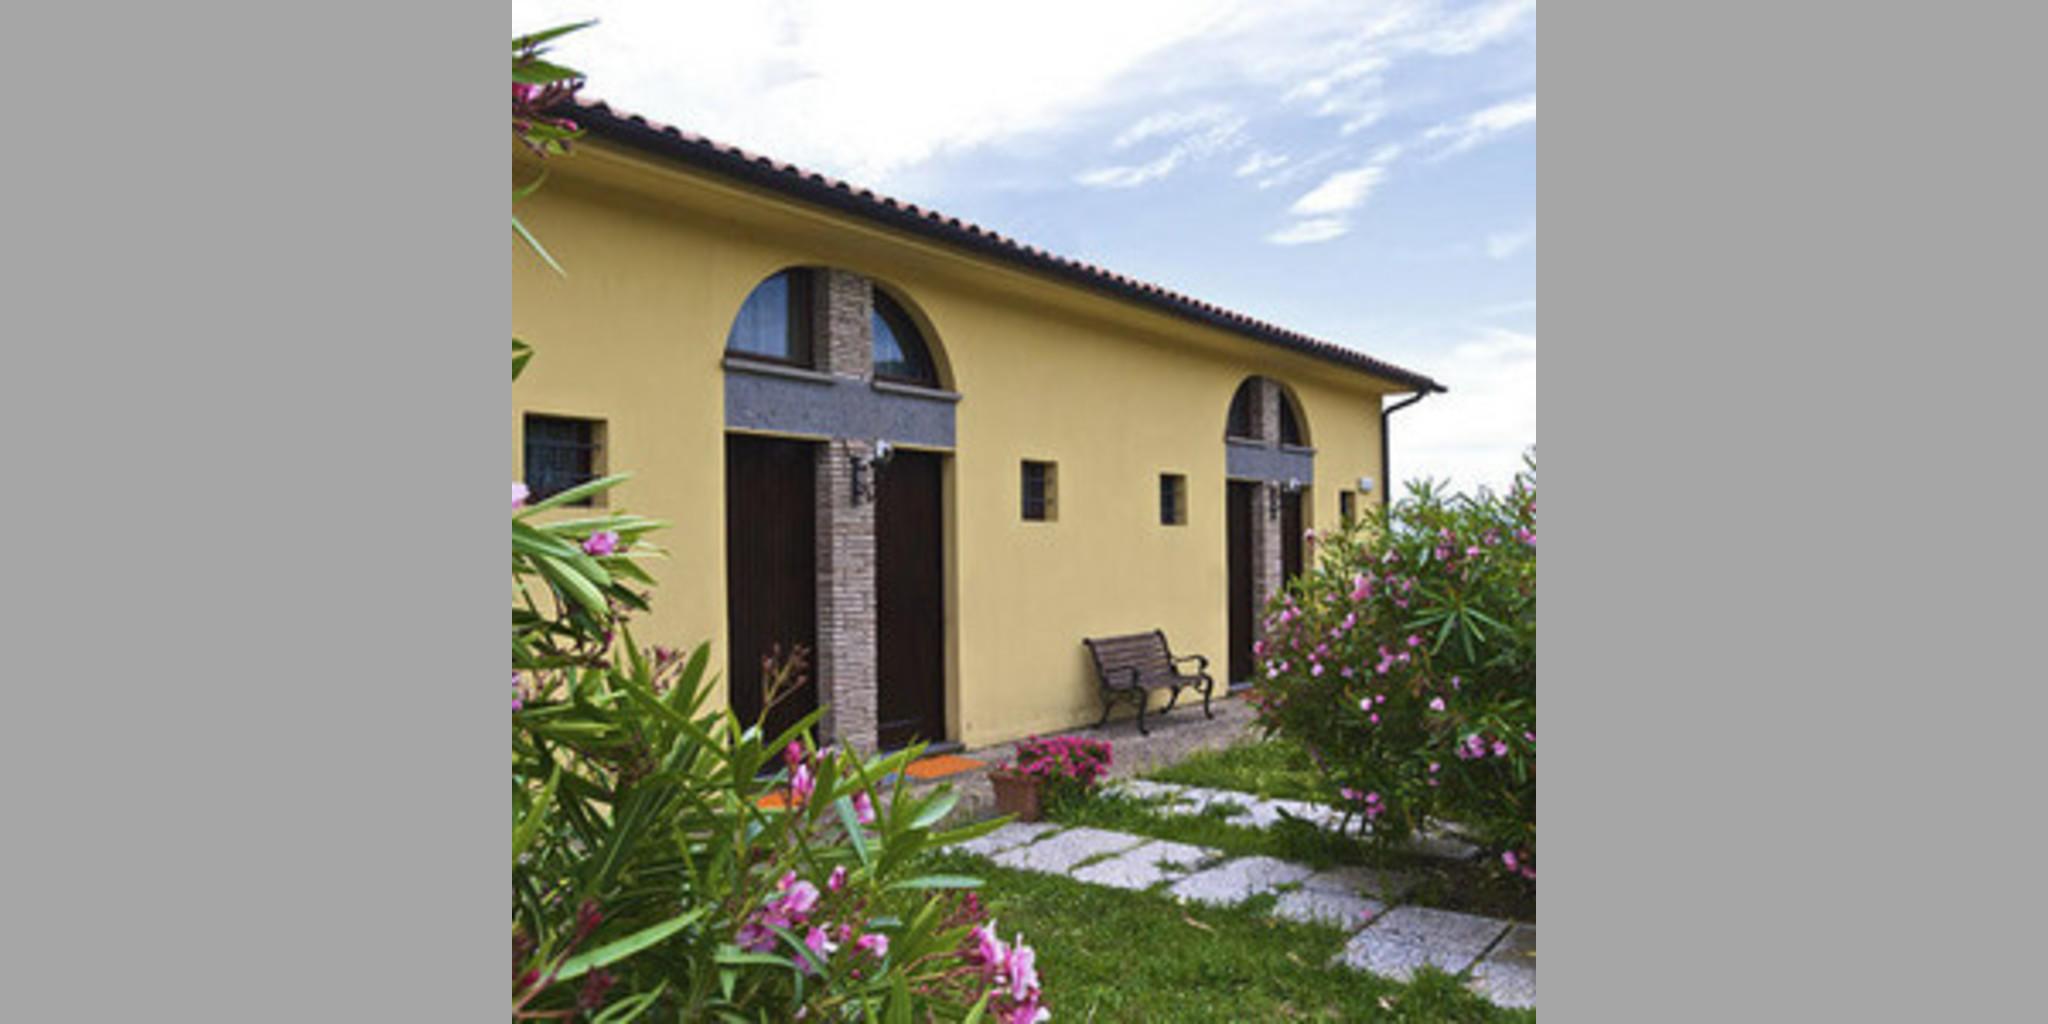 Appartamento Passignano Sul Trasimeno - Casa Vacanza Trecine_A